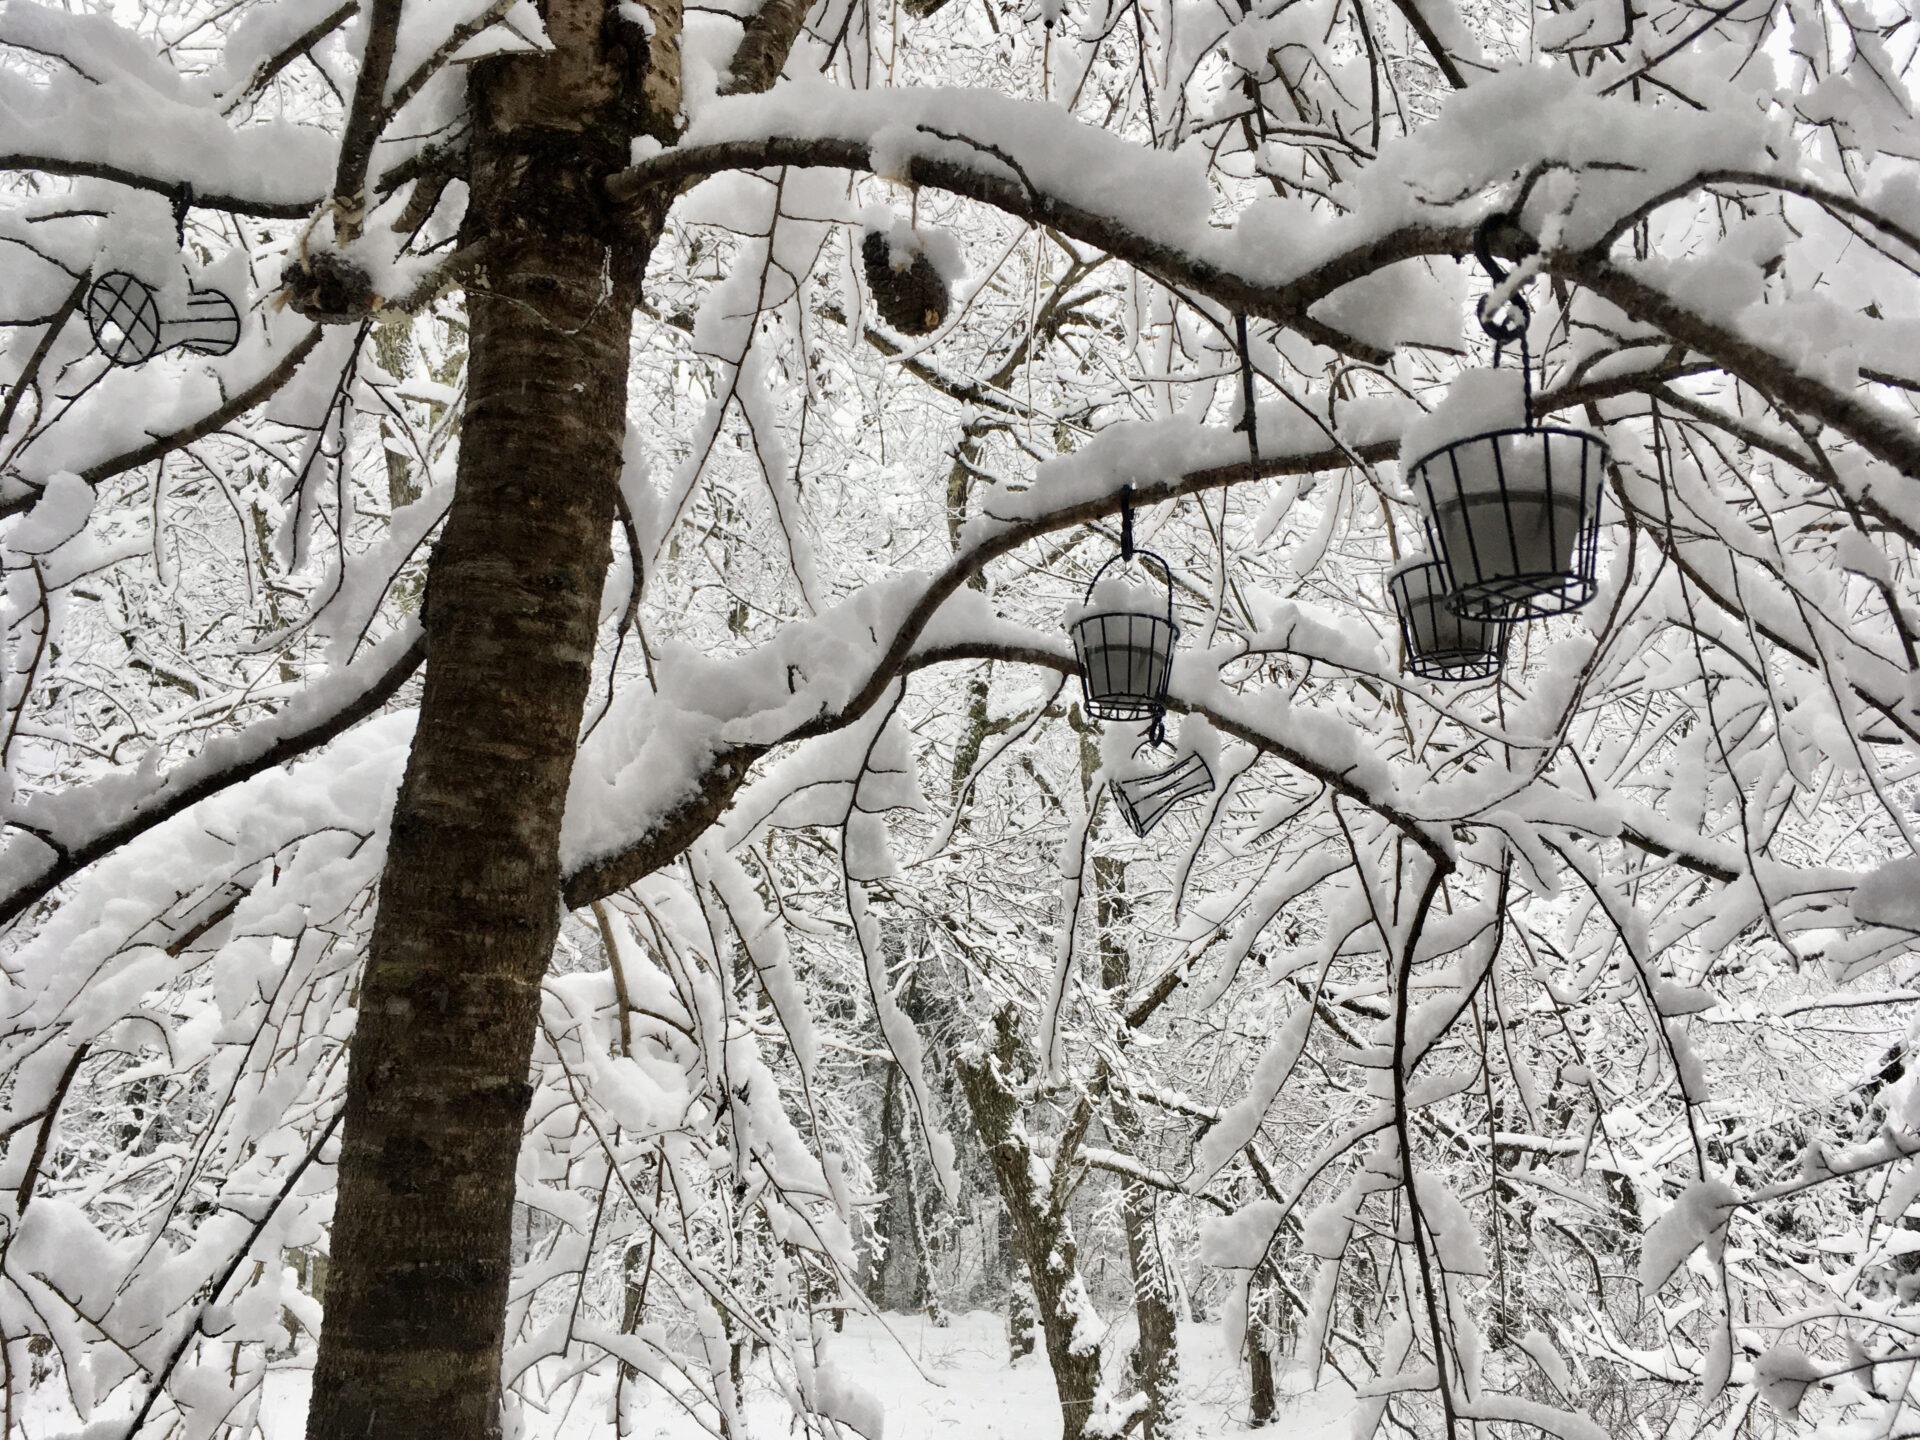 軽井沢の雪の餌かご